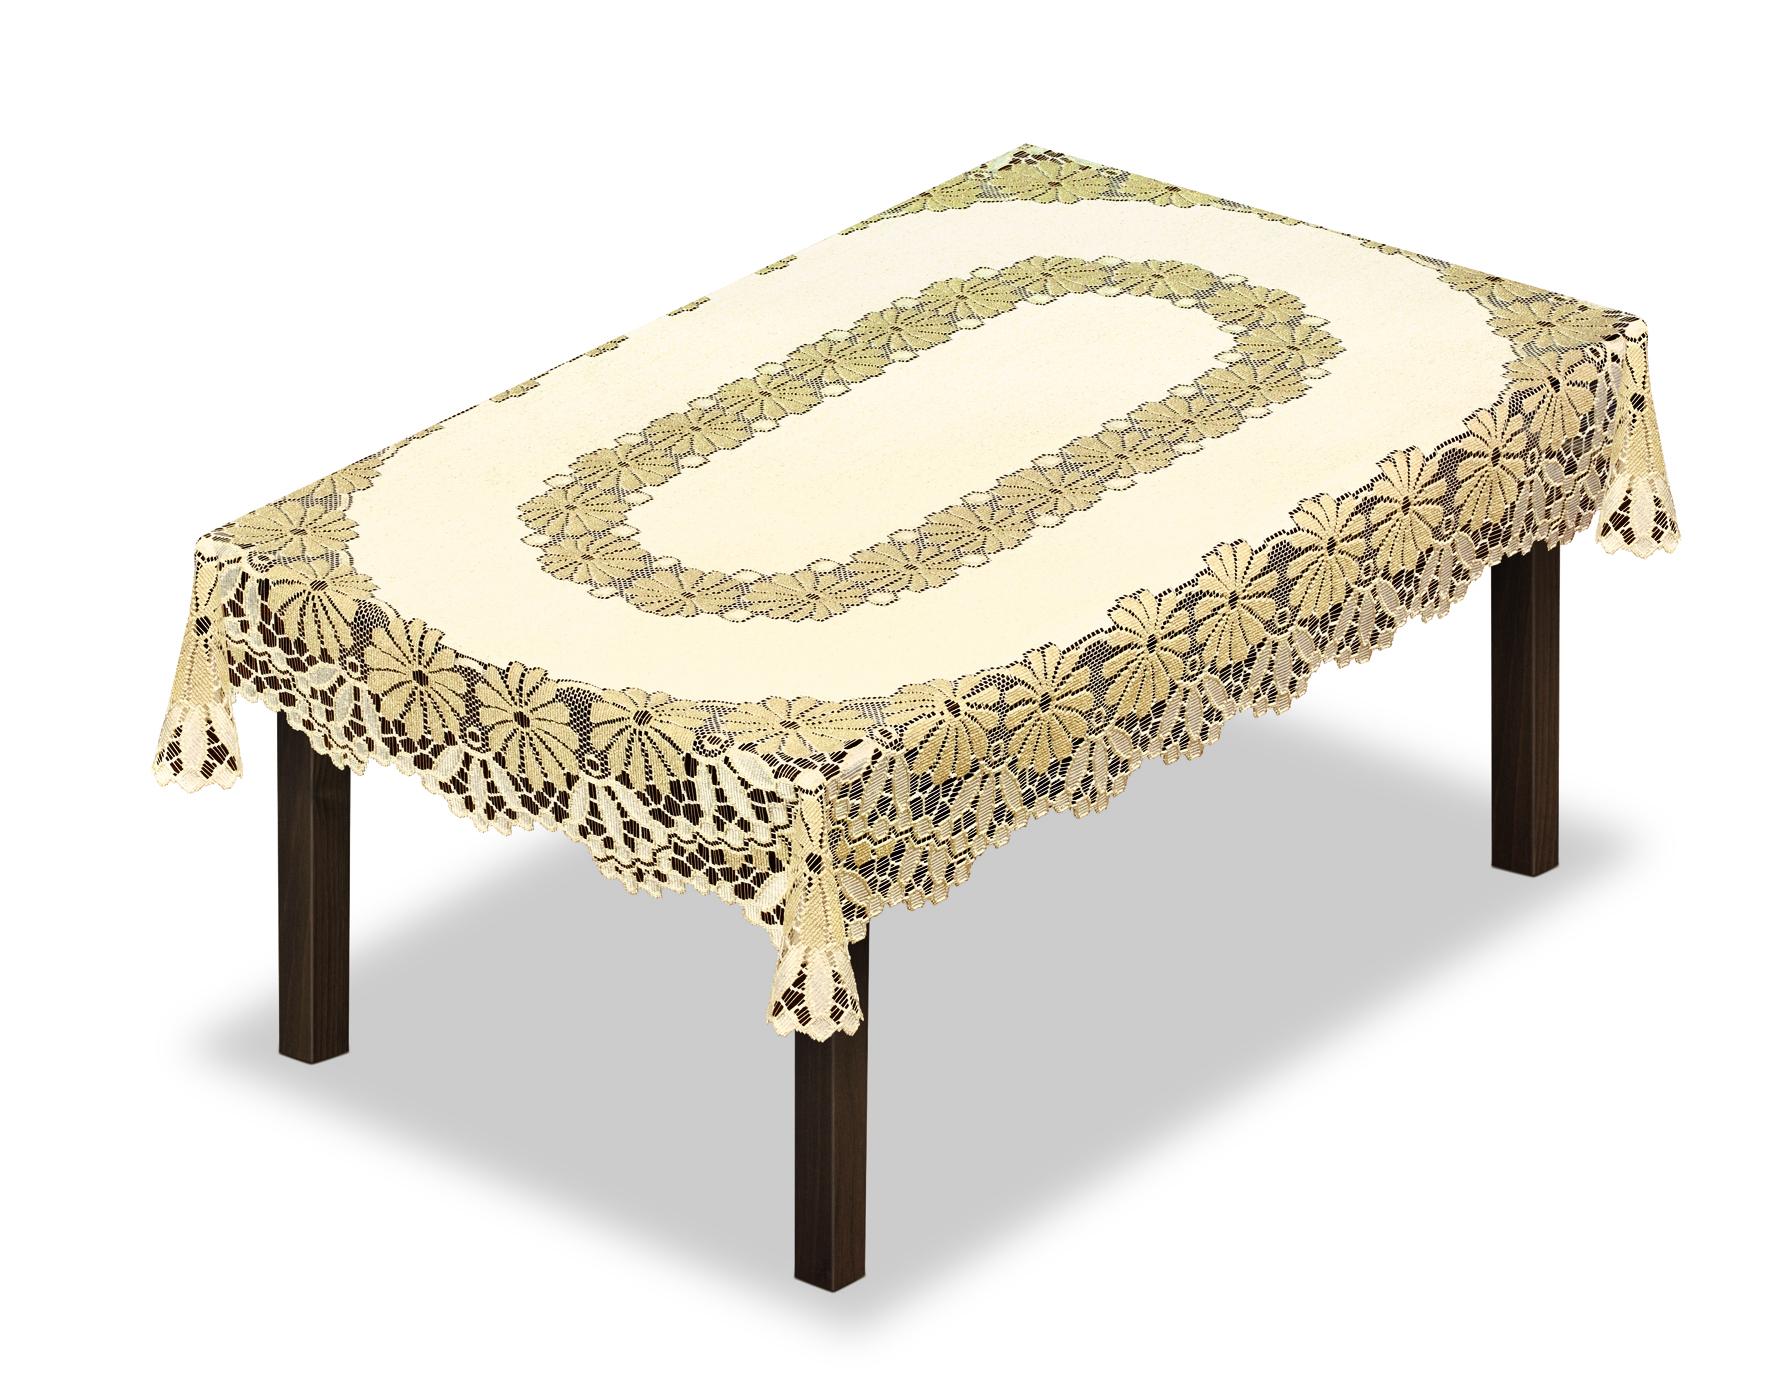 Скатерть Haft, прямоугольная, цвет: кремовый, золотистый, 100 х 150 см. 228709228709/100Великолепная скатерть Haft, выполненная из полиэстера, органично впишется в интерьер любого помещения, а оригинальный дизайн удовлетворит даже самый изысканный вкус.Скатерть Haft создаст праздничное настроение и станет прекрасным дополнением интерьера гостиной, кухни или столовой.